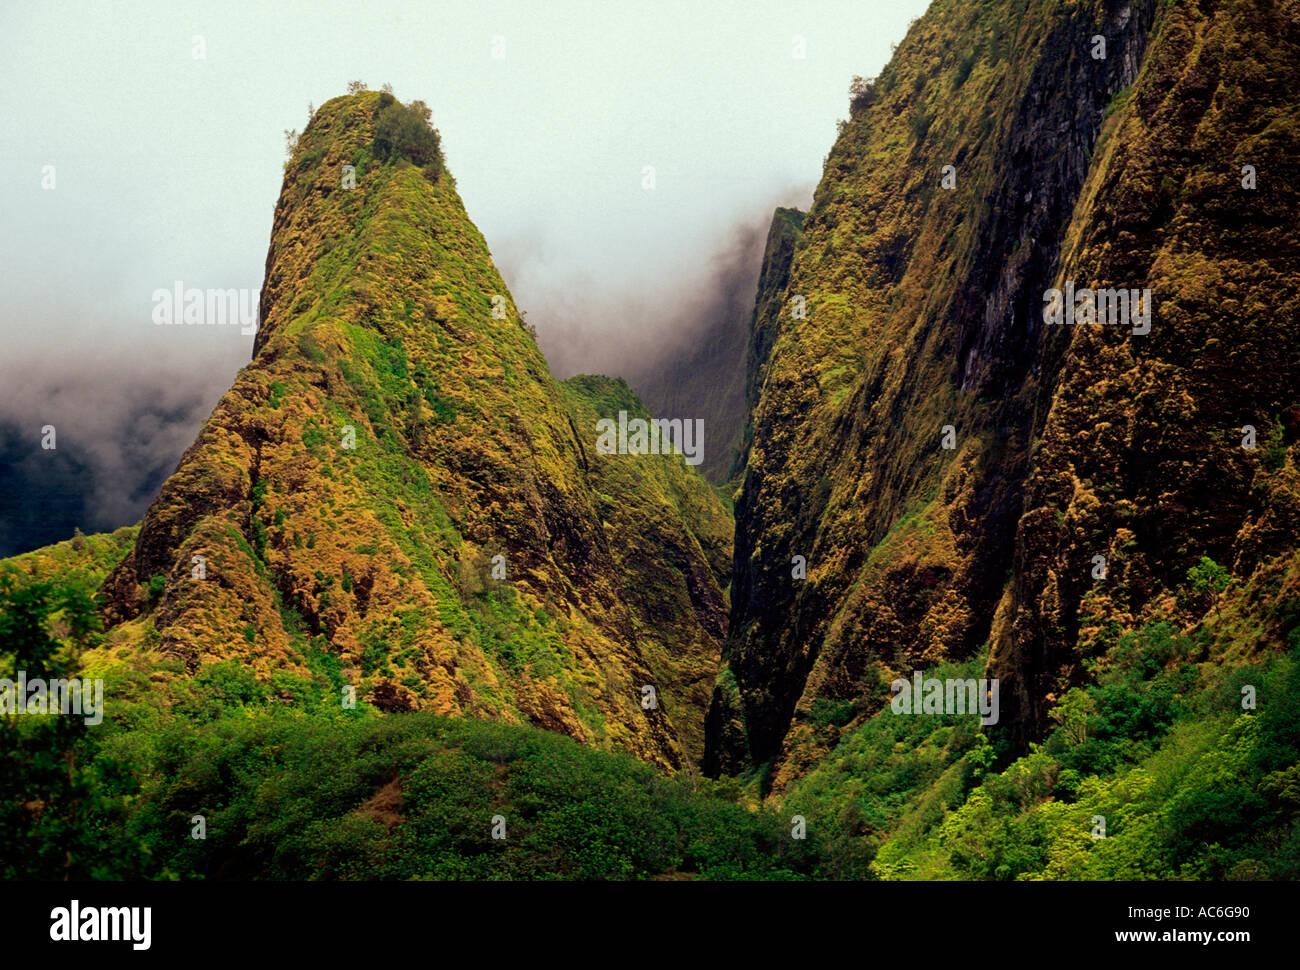 Iao Needle, Iao Valley, Iao Valley State Park, State Park, Maui Island, Maui, Hawaii - Stock Image